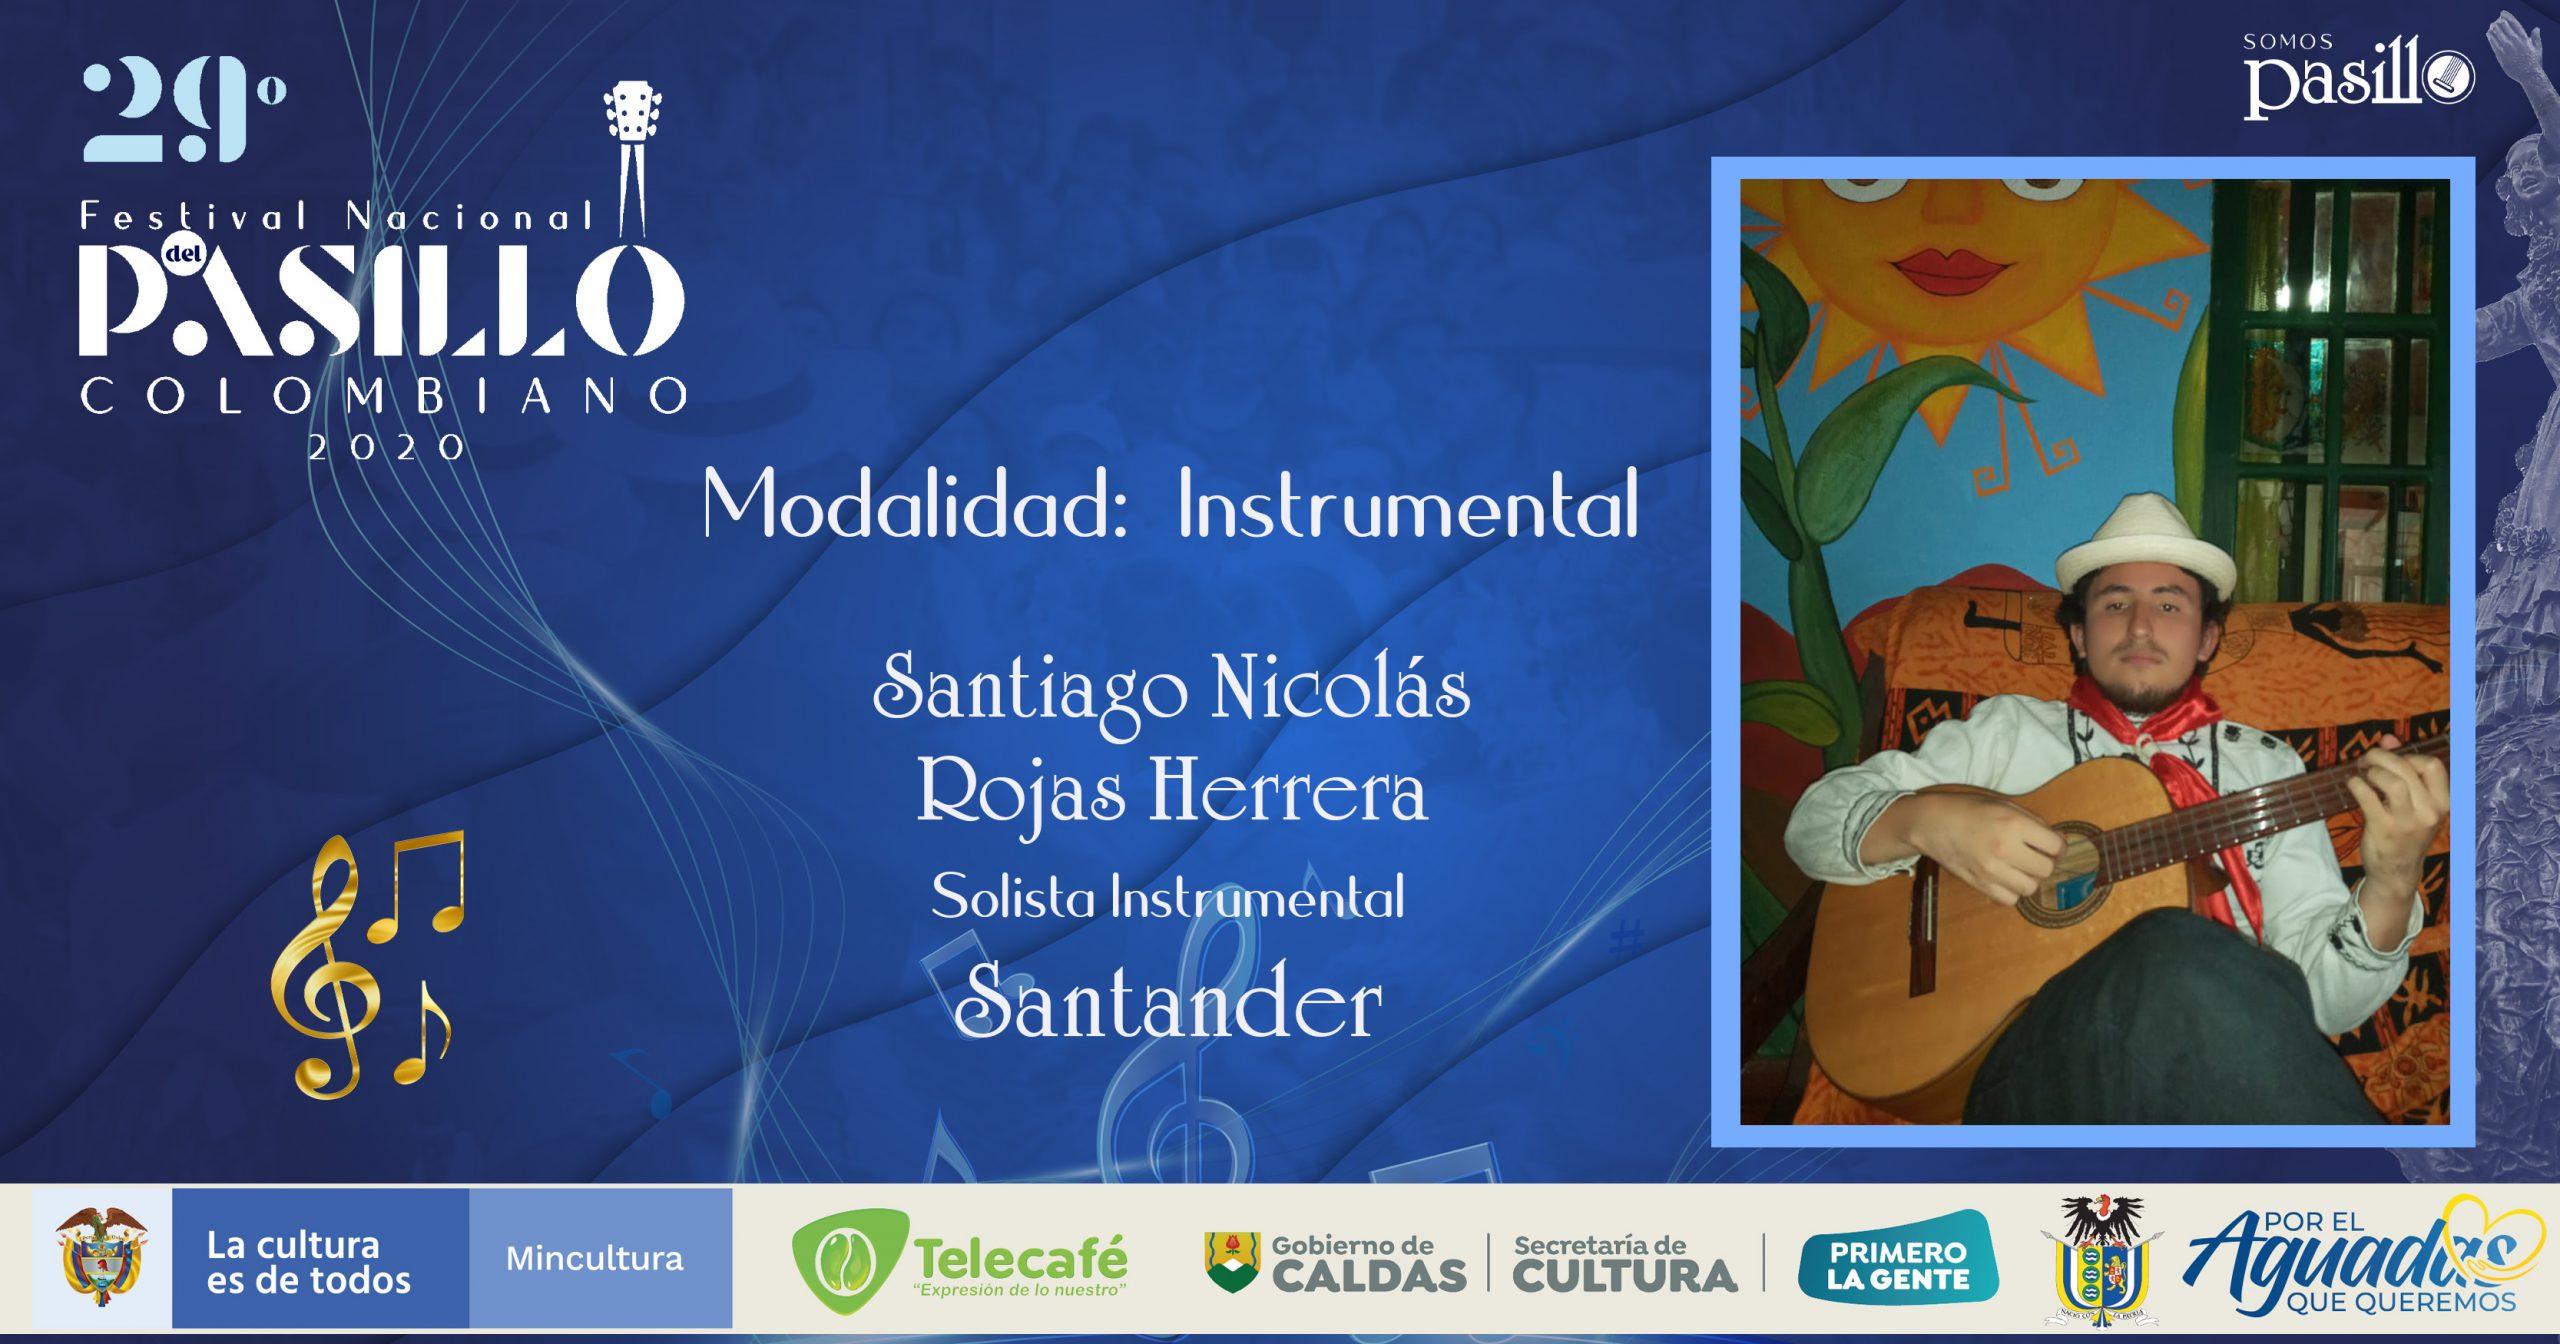 Santiago Nicolás Rojas Herrera